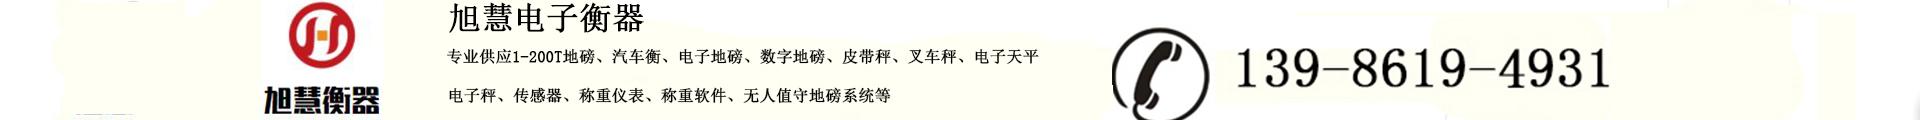 武汉旭慧电子衡器有限公司